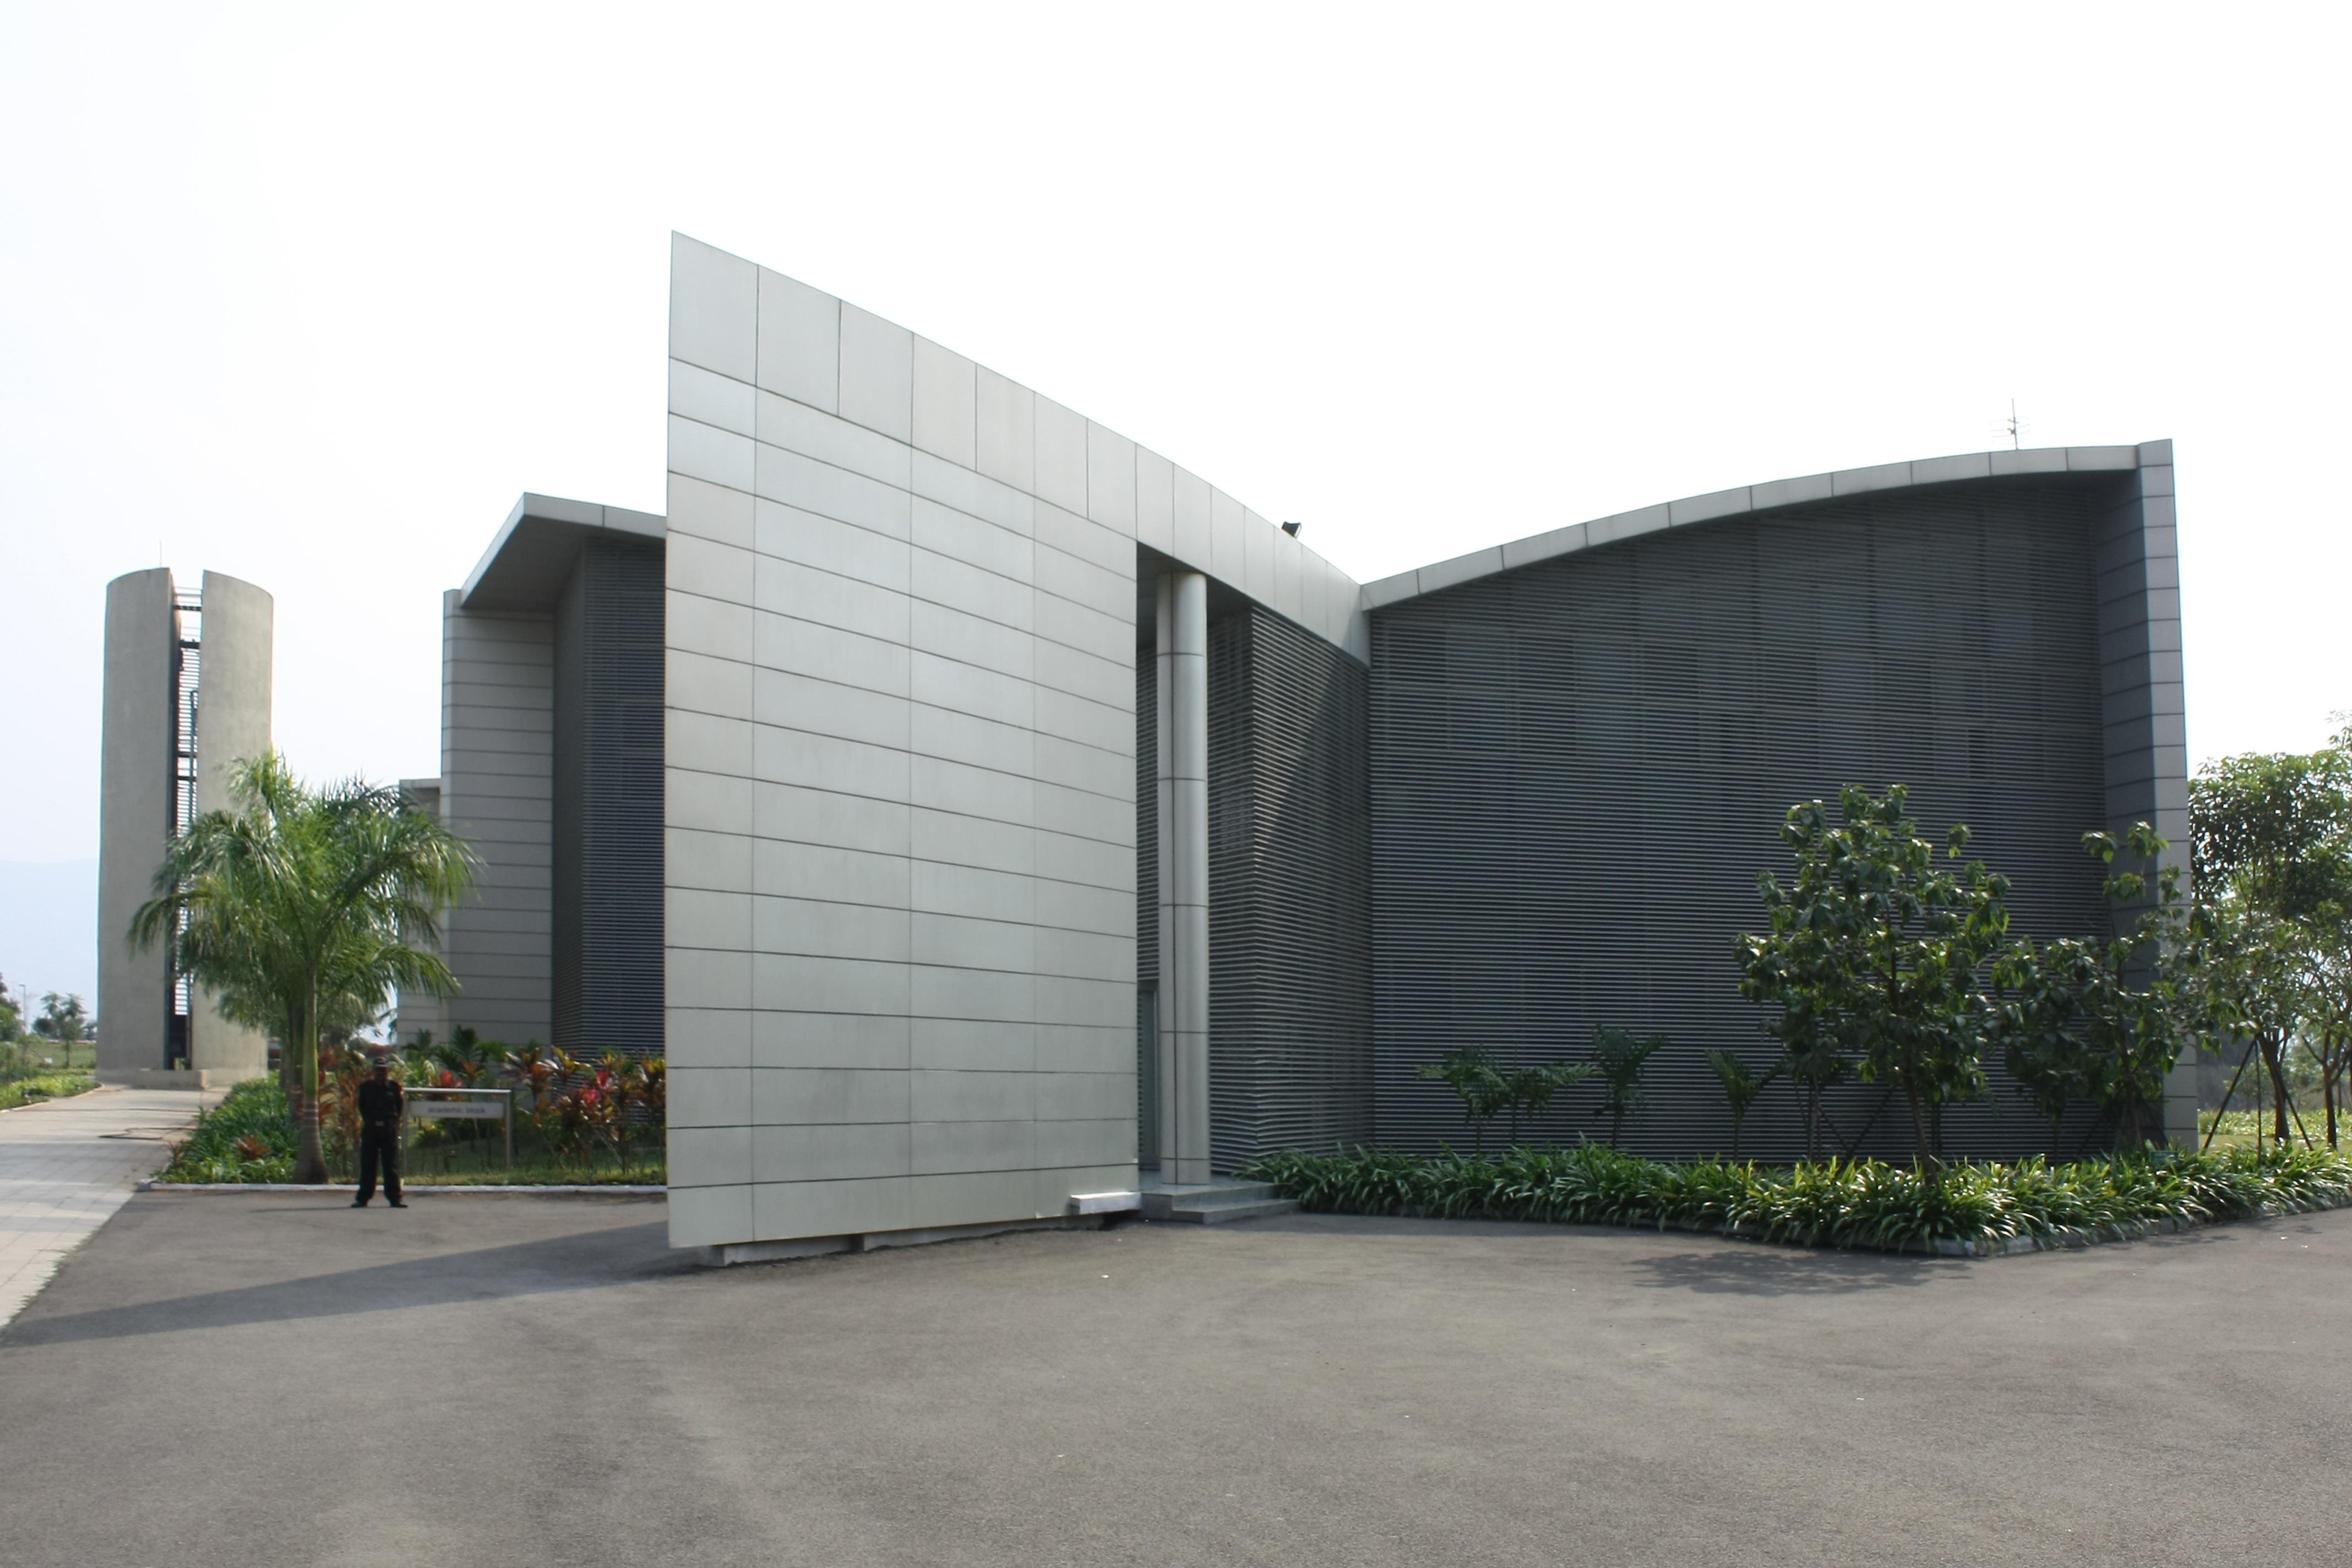 Images gratuites architecture structure ciel maison ville